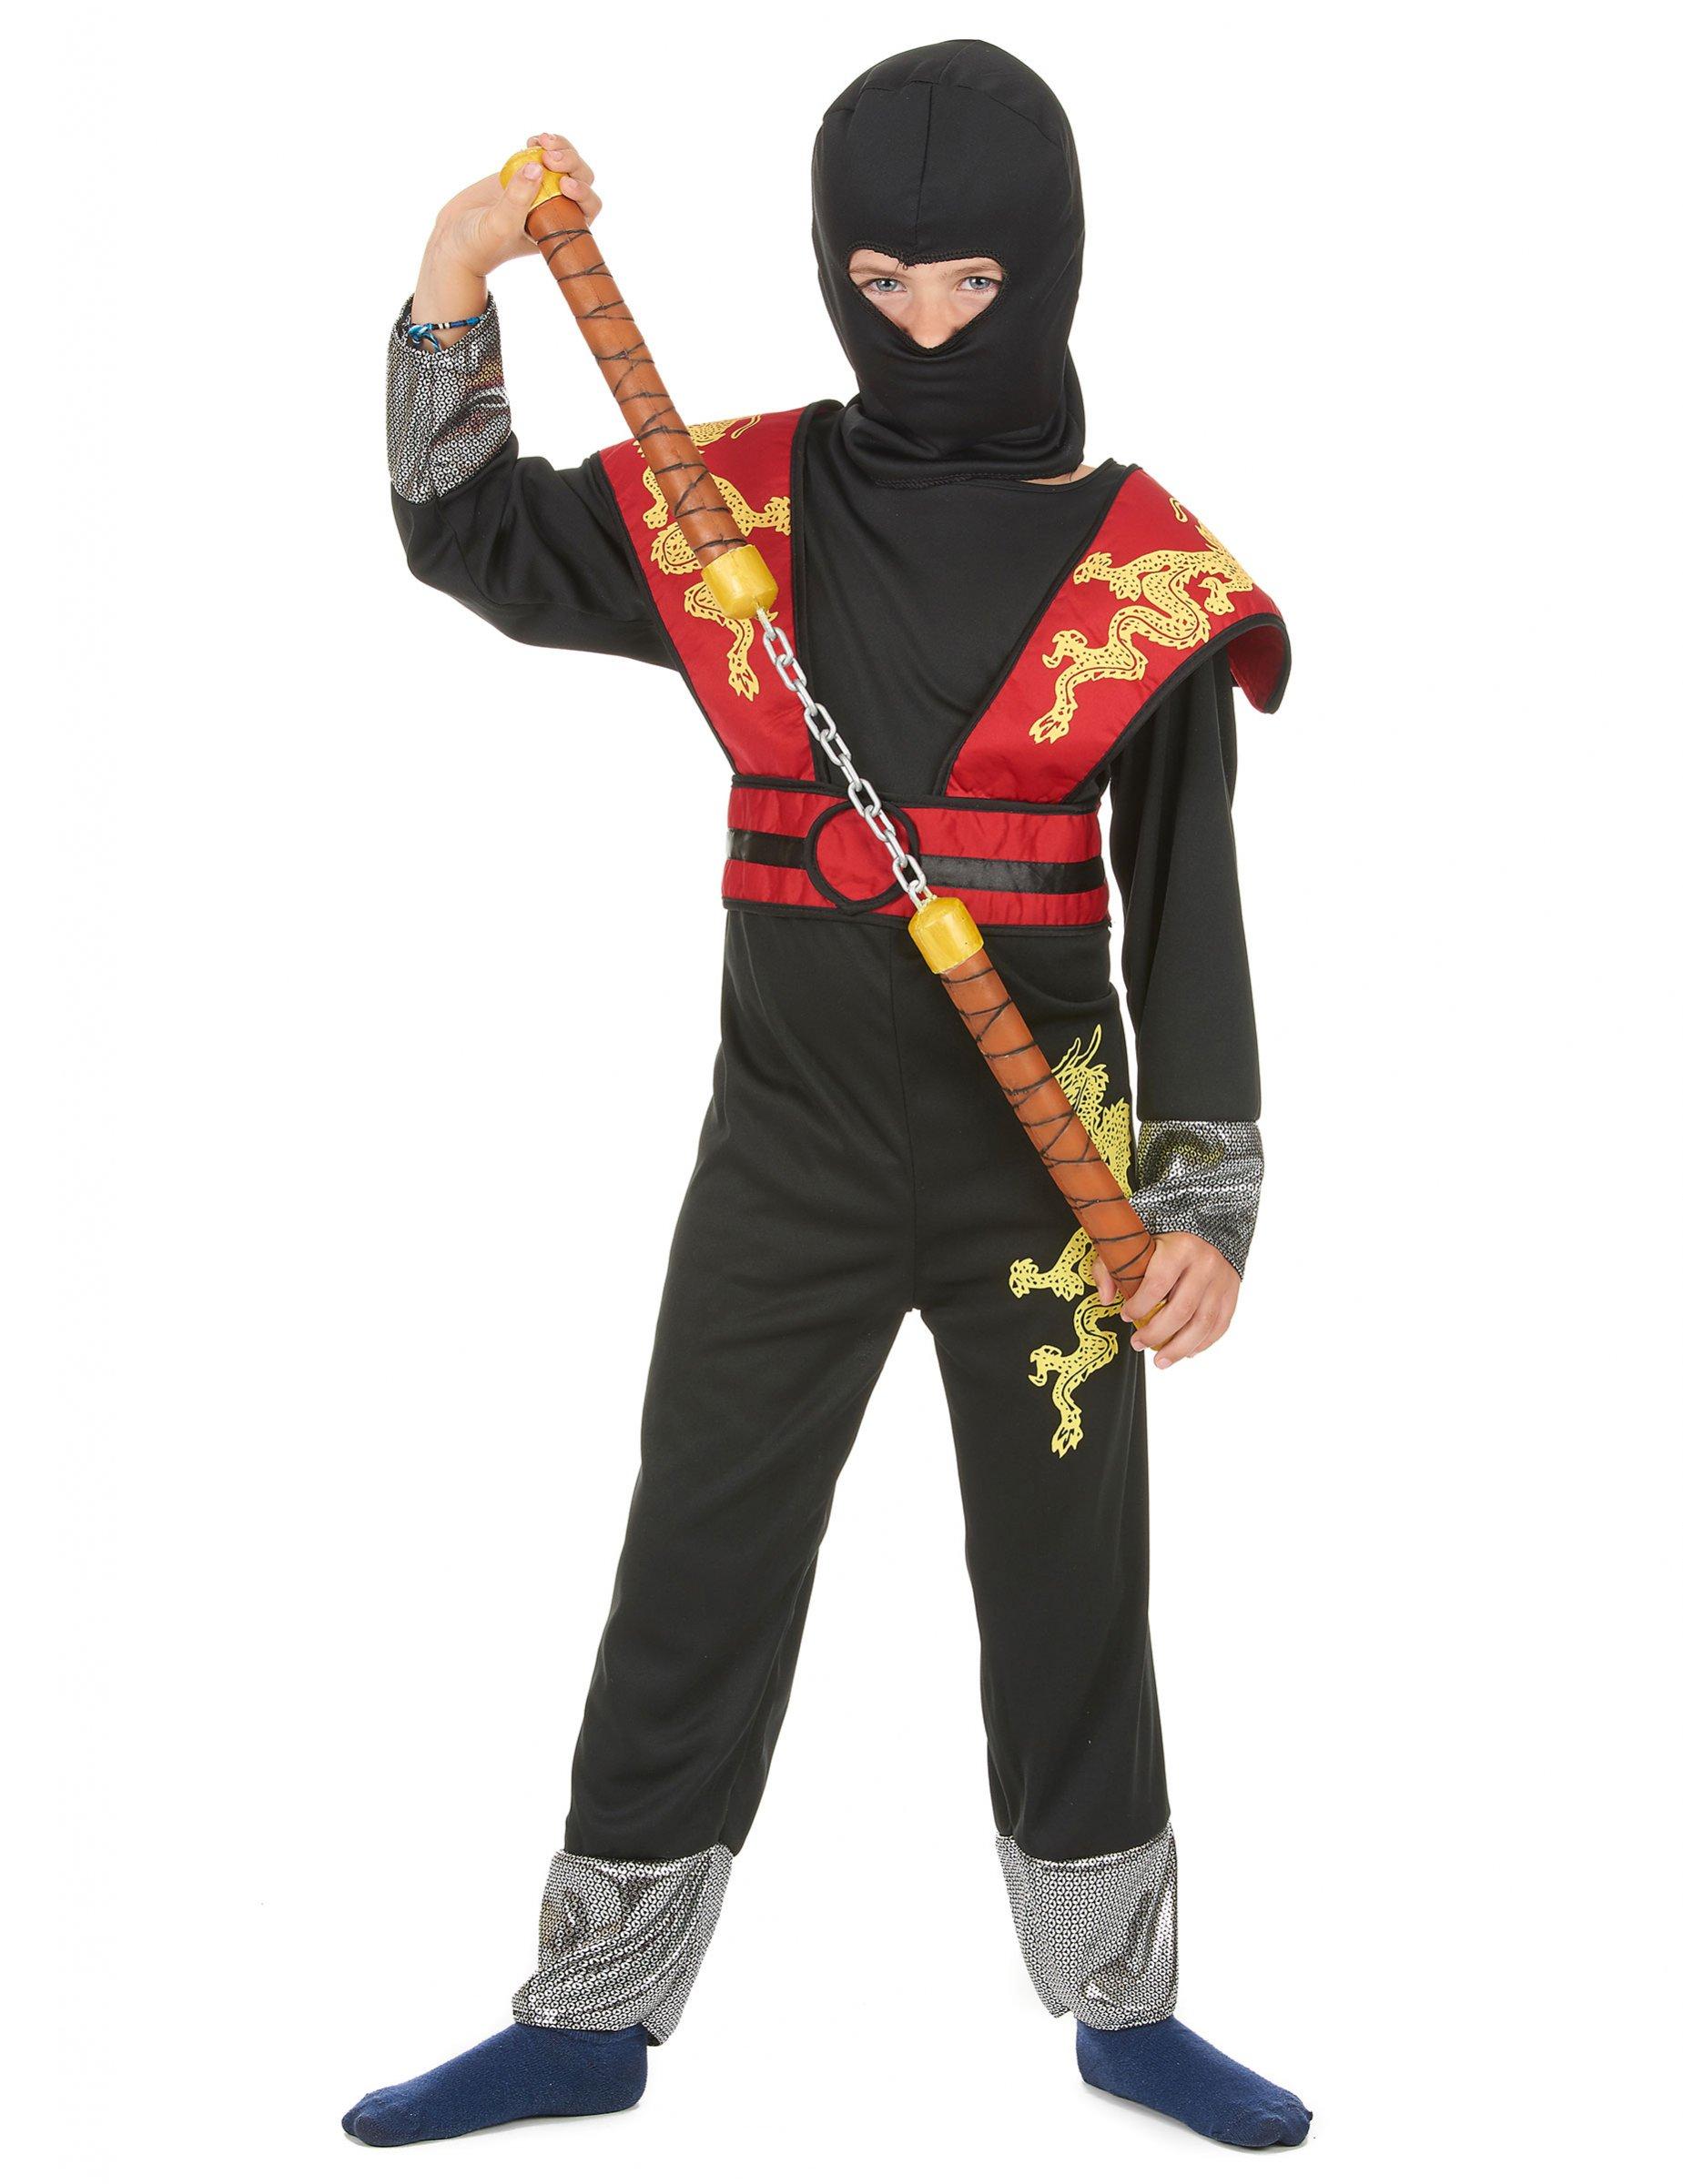 gelb rotes ninja k mpfer kost m f r jungen. Black Bedroom Furniture Sets. Home Design Ideas